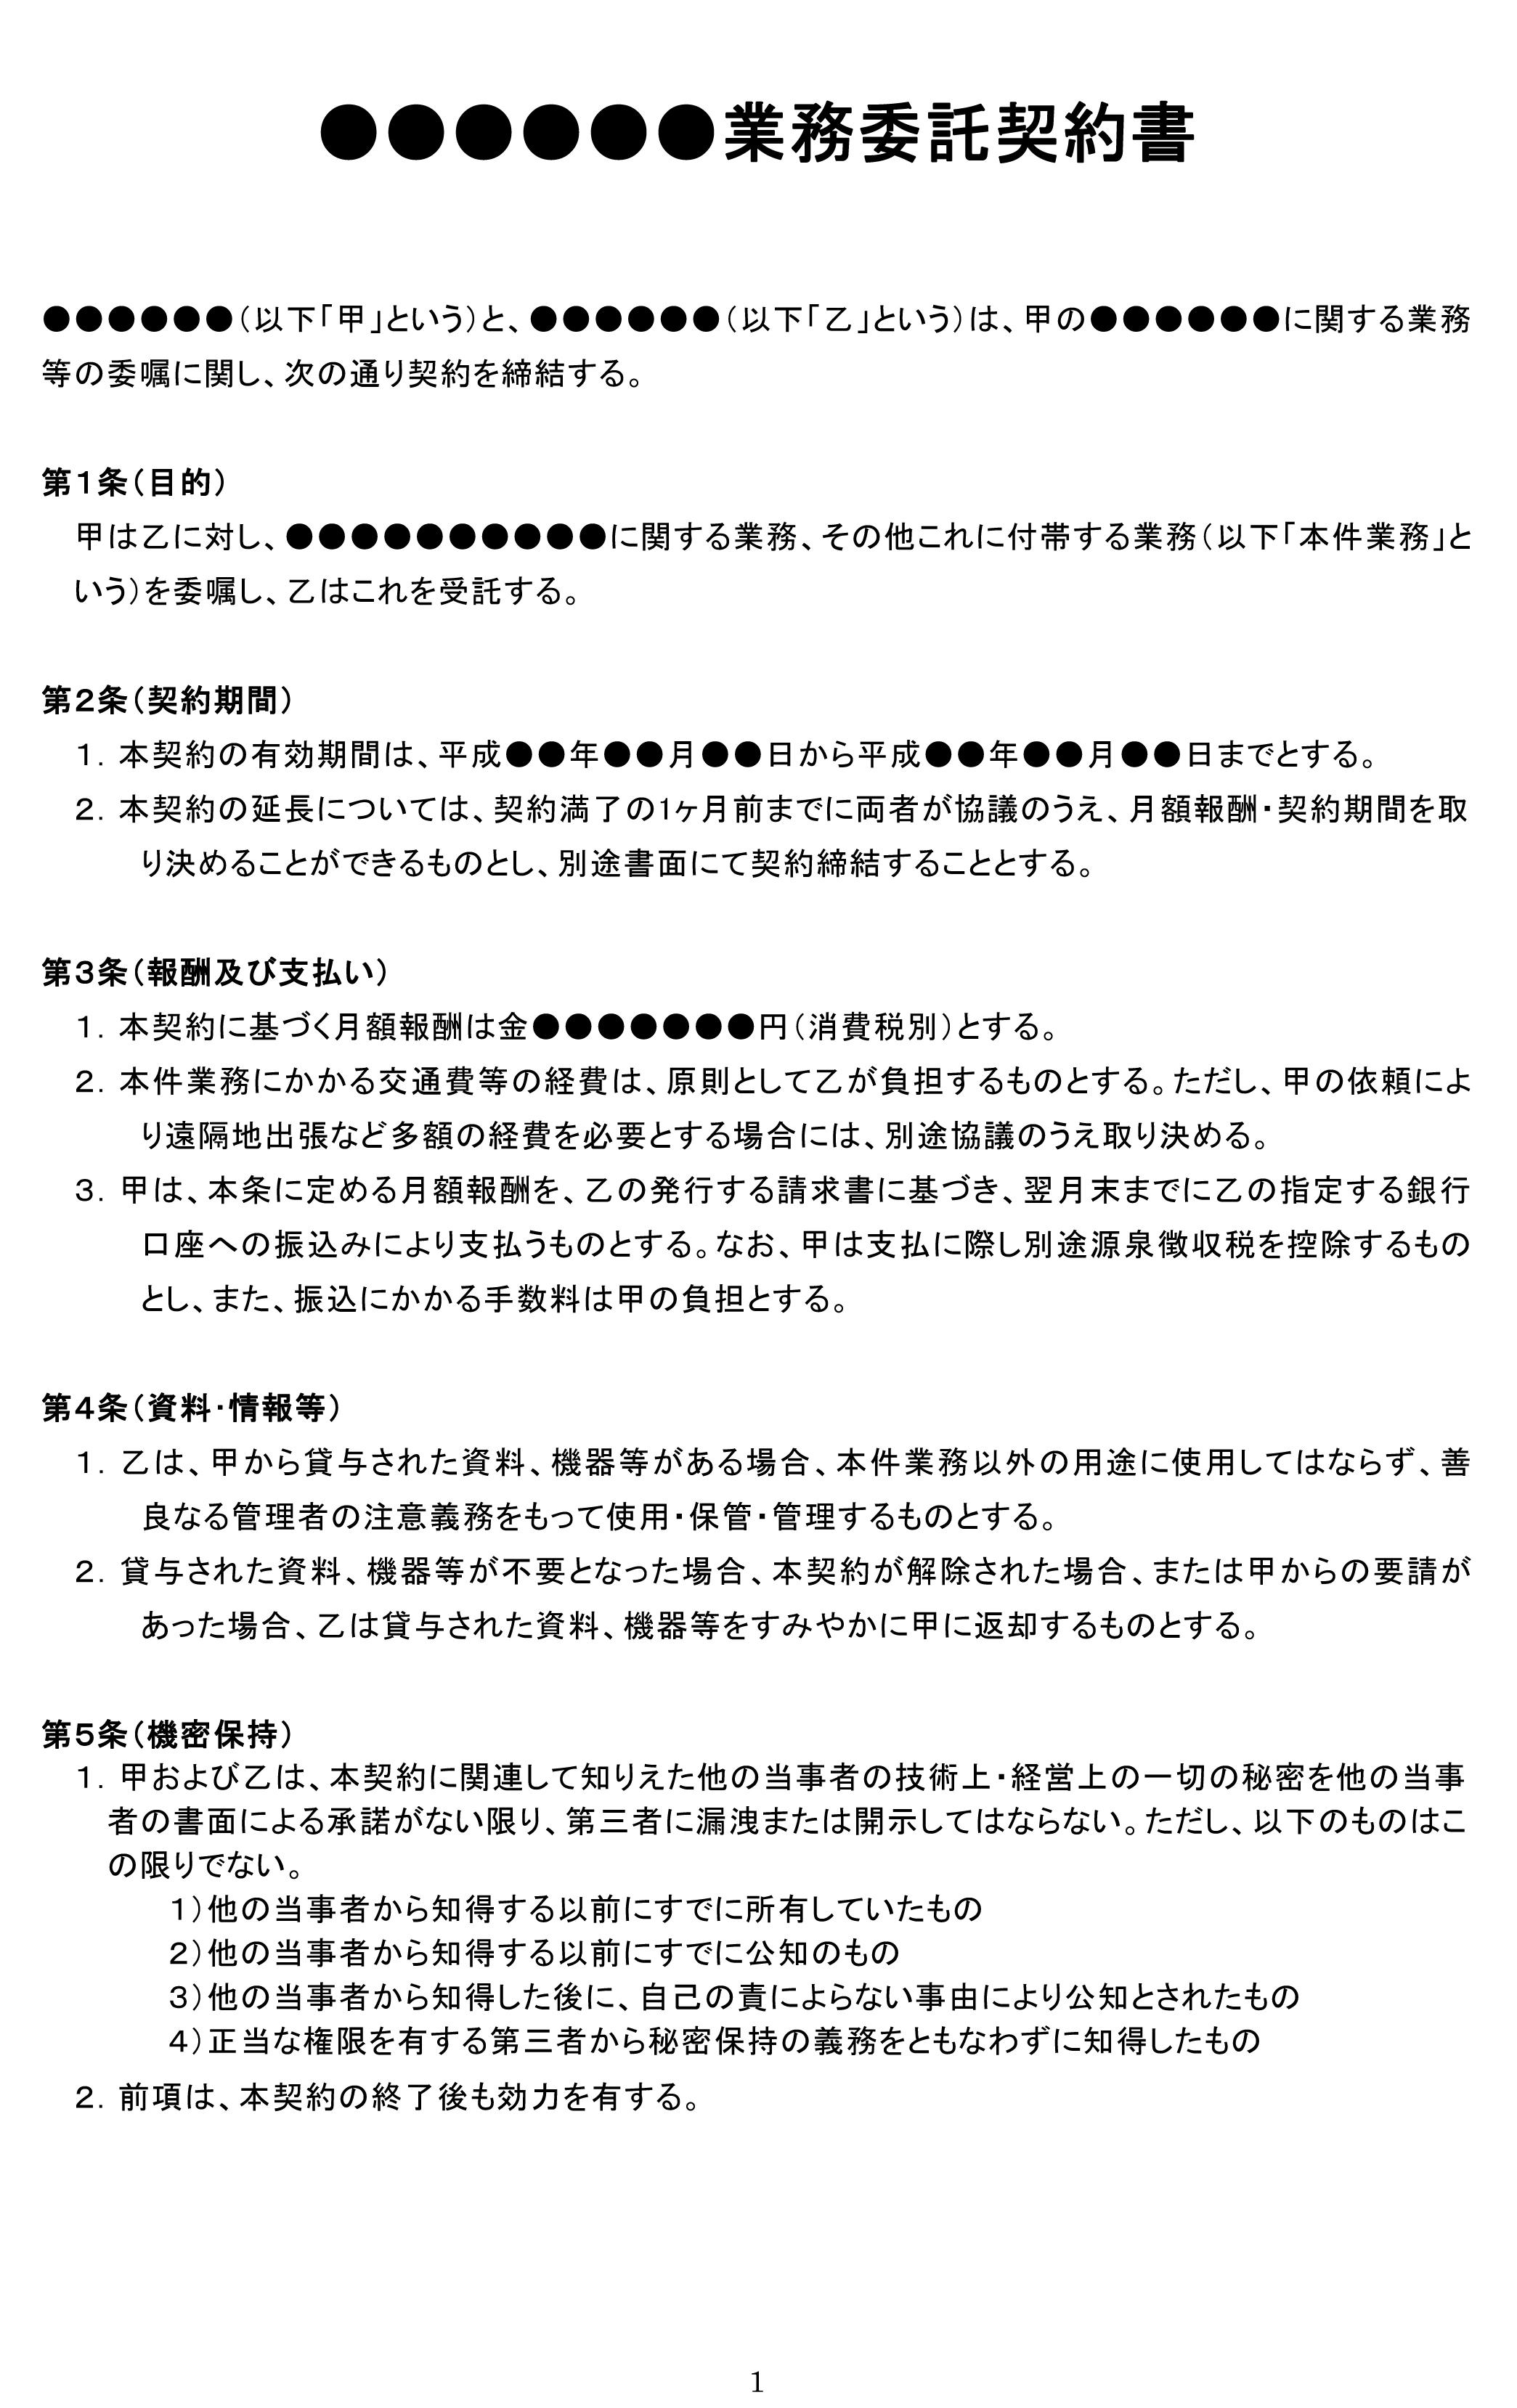 業務委託契約書のテンプレート書式